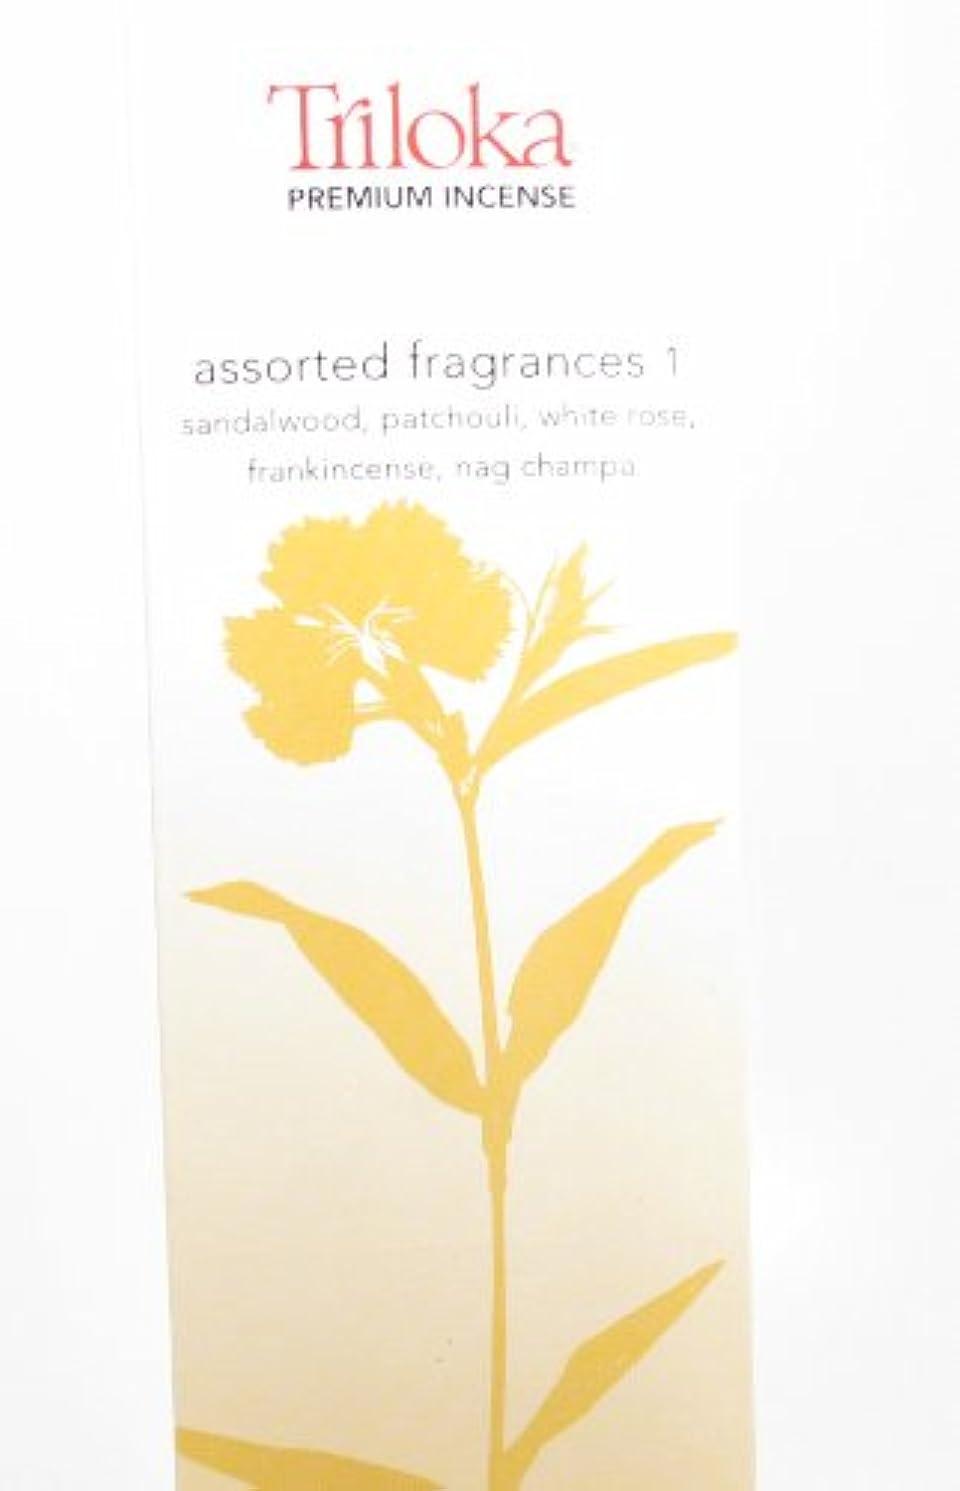 安いです鋭く女優Triloka - 優れた香は芳香1を分類した - 10棒